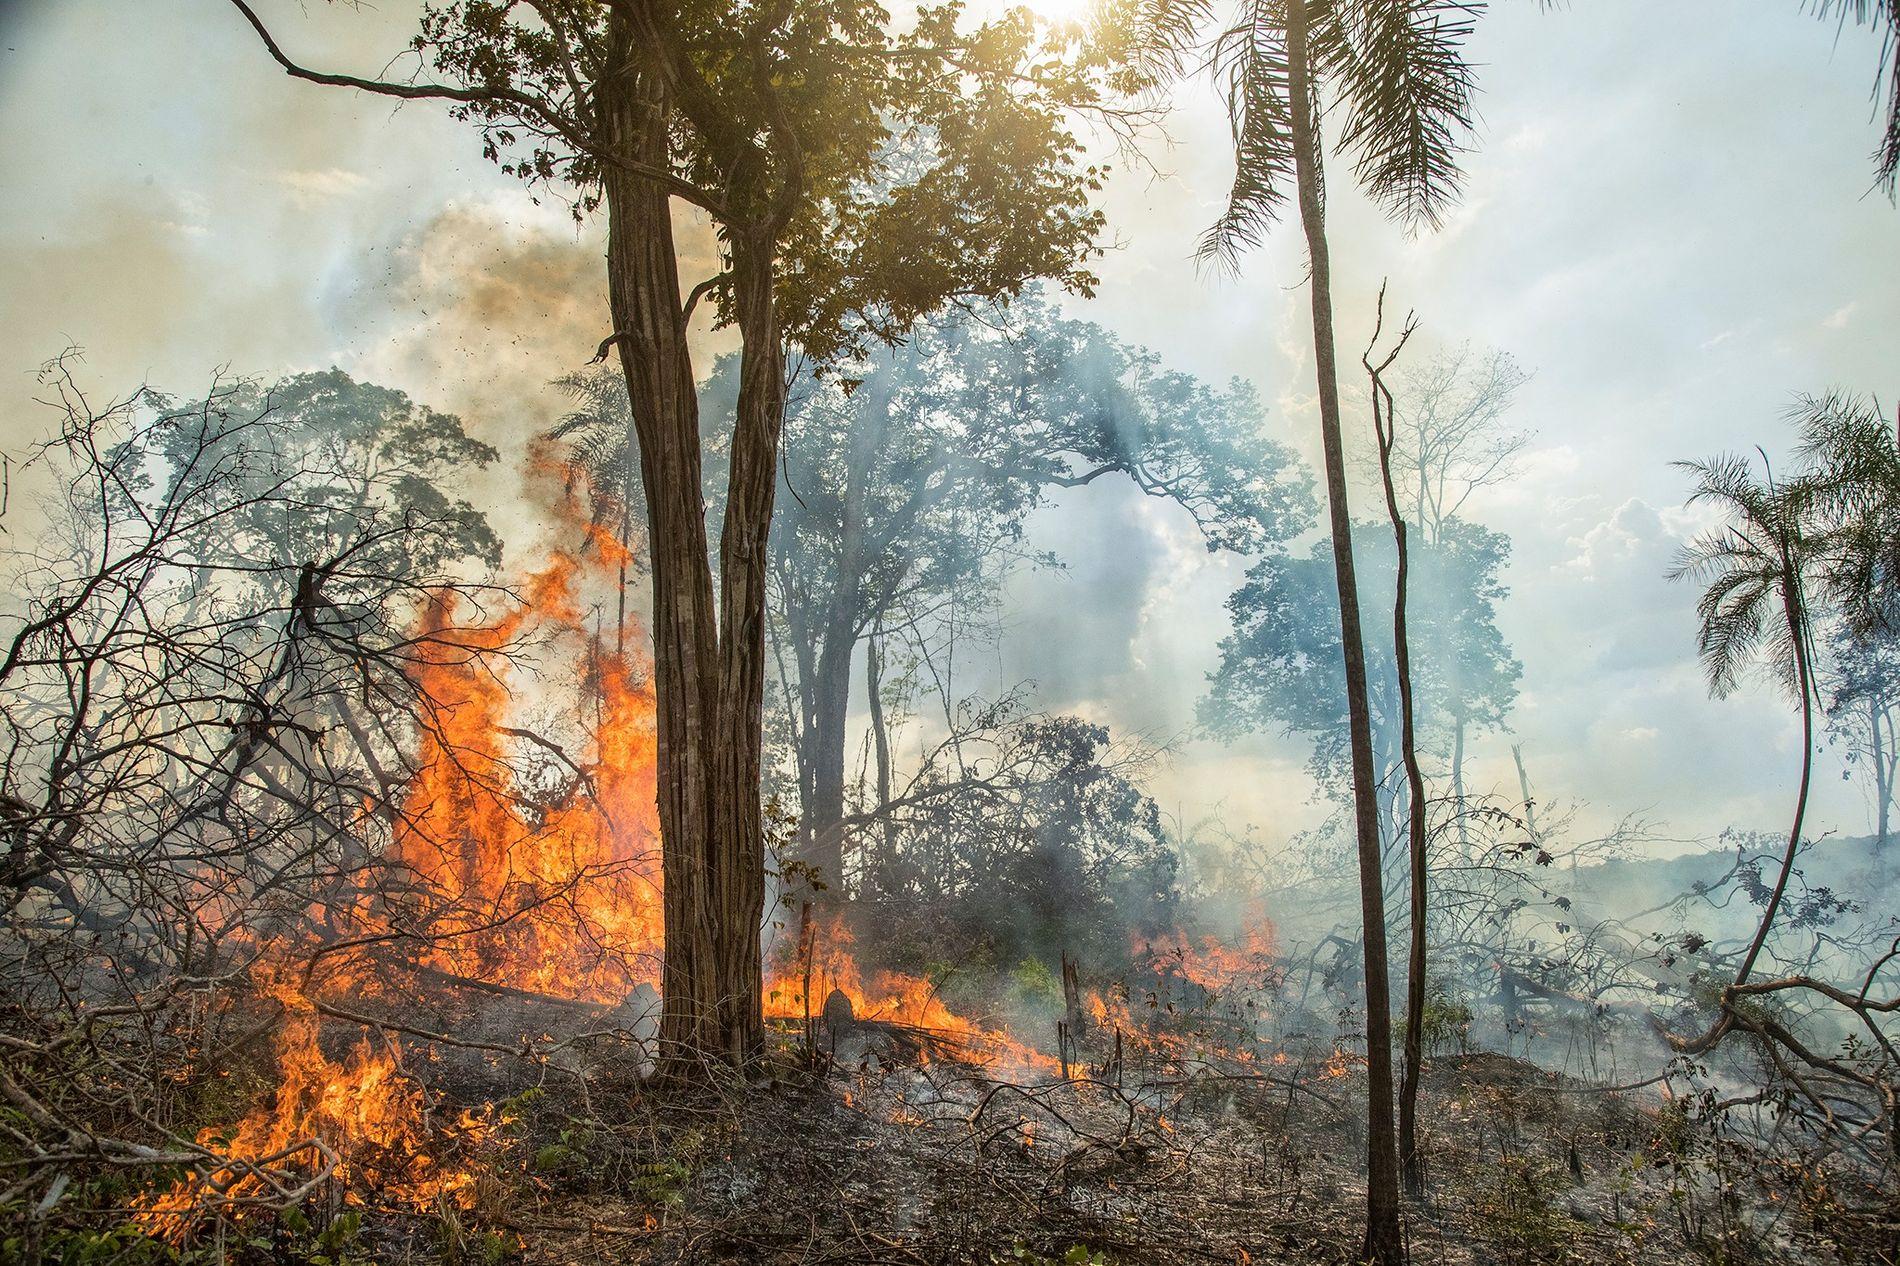 Un incendio arde en un campo de mandioca en la Amazonia brasileña. Algunos estudios determinan que las antiguas prácticas agrícolas desempeñan un papel en los incendios forestales modernos.